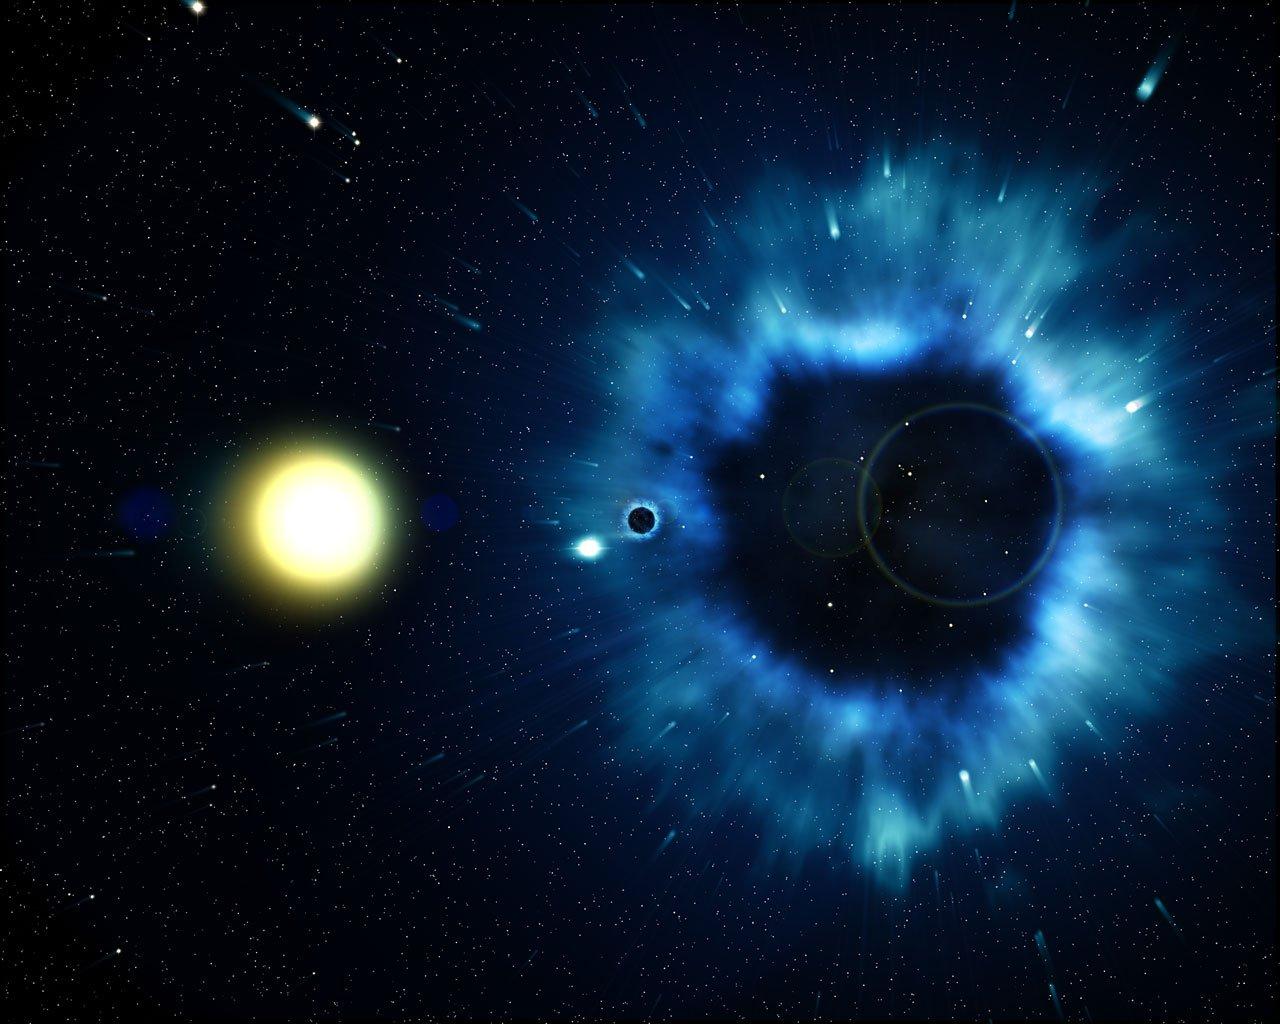 'Nature': Los agujeros negros expulsan vientos mientras consumen masa